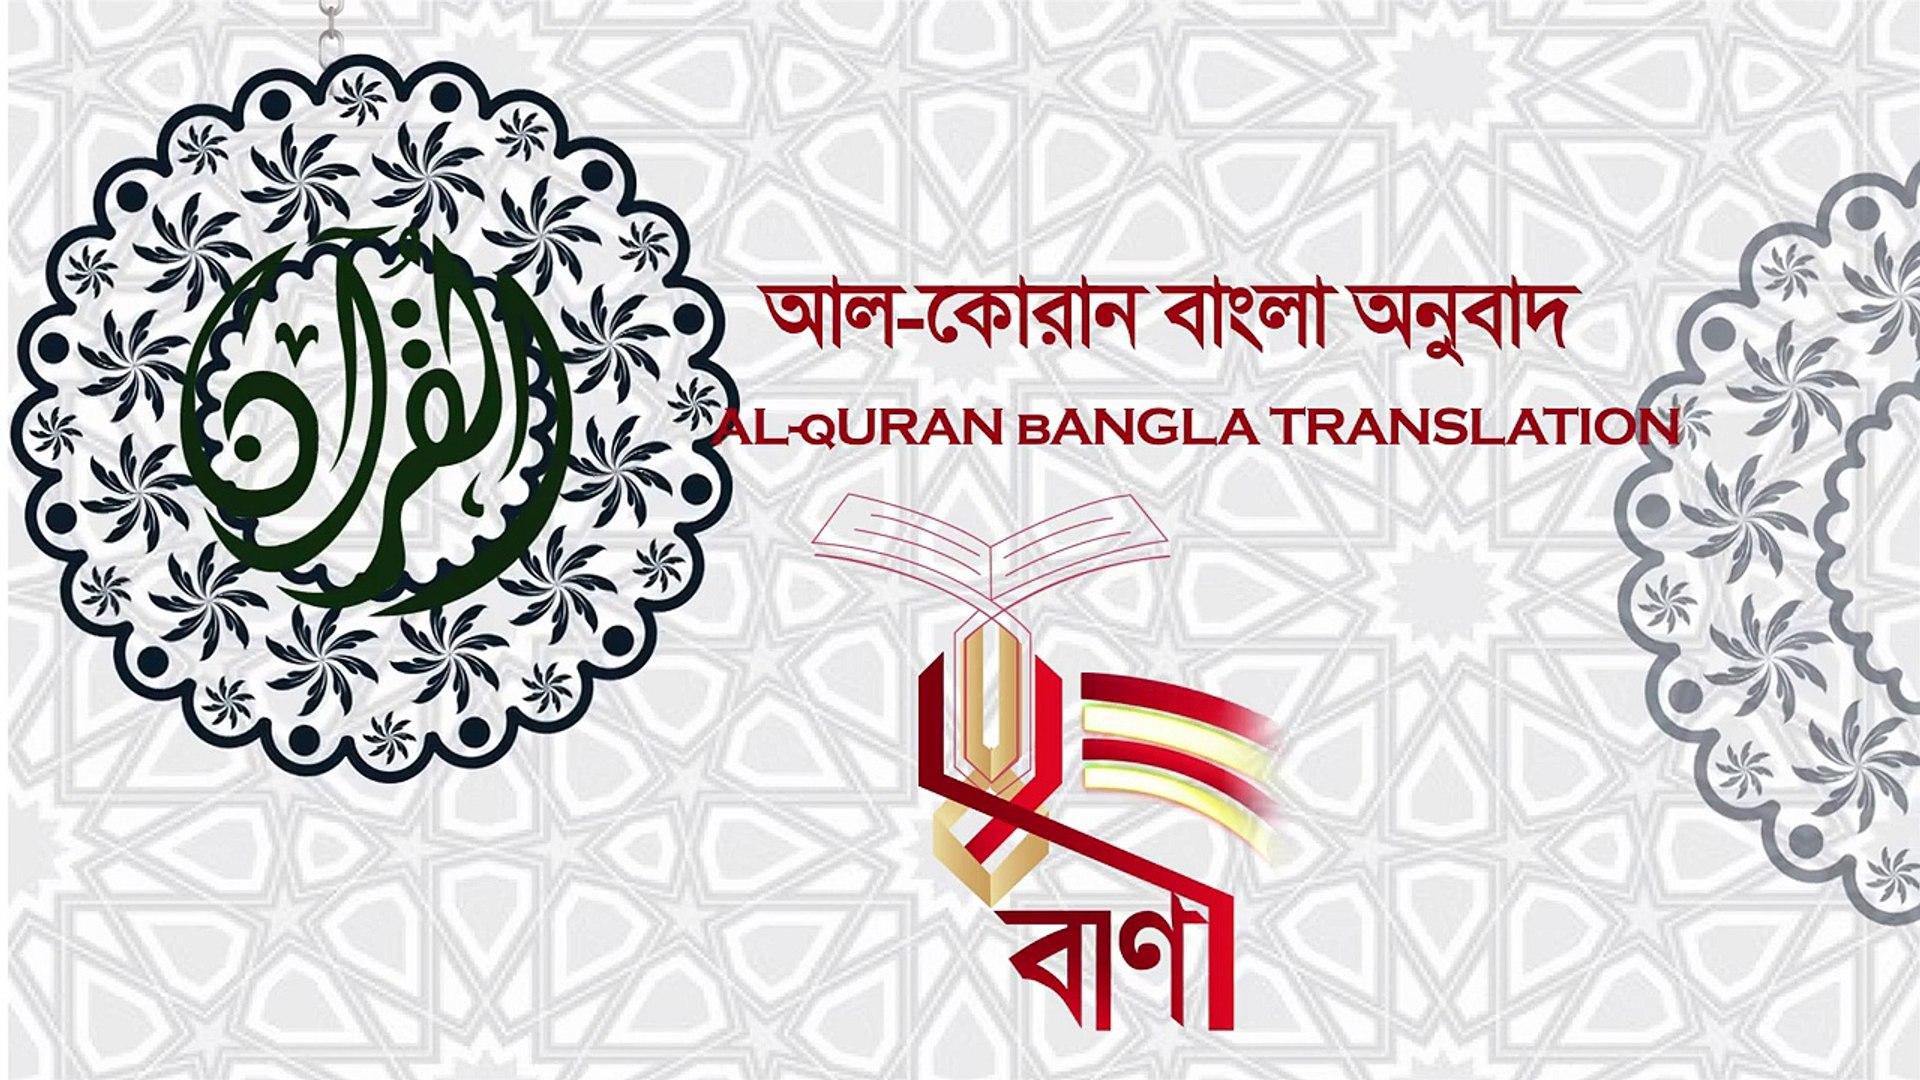 01 Sura Al-Fatiha  সুললিত কন্ঠে আল কুরআনের বাংলা তরজমা Al Quran Bangla Translation